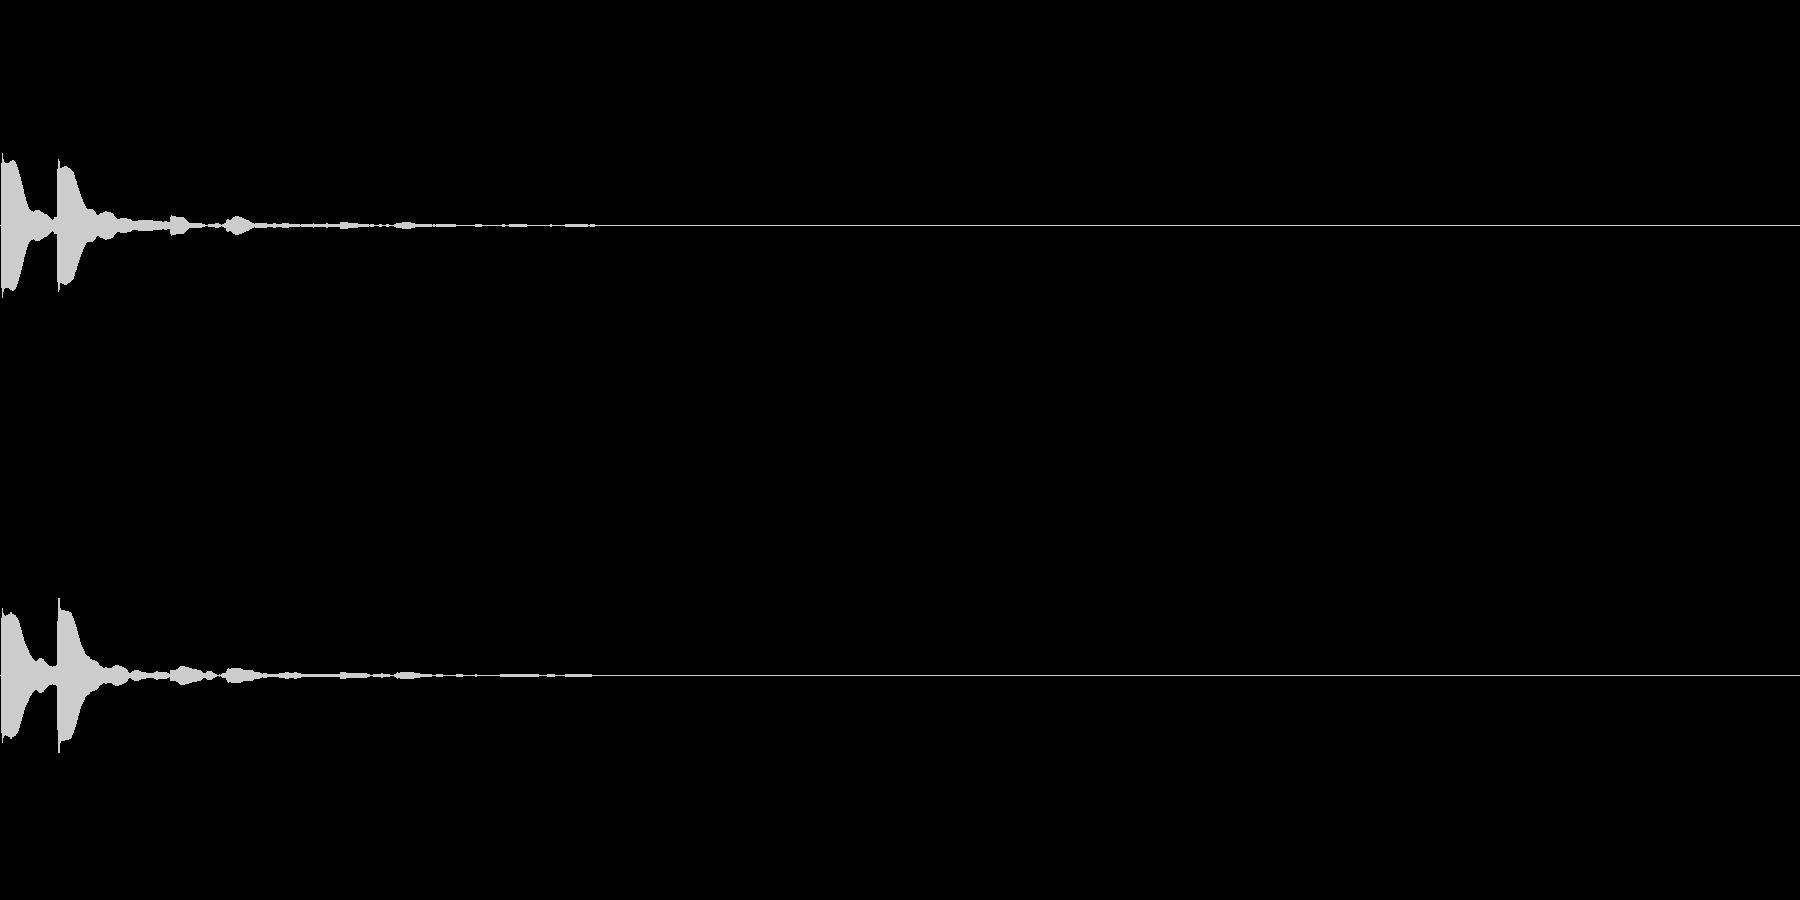 「ピピッ」キッカケ音_05+の未再生の波形